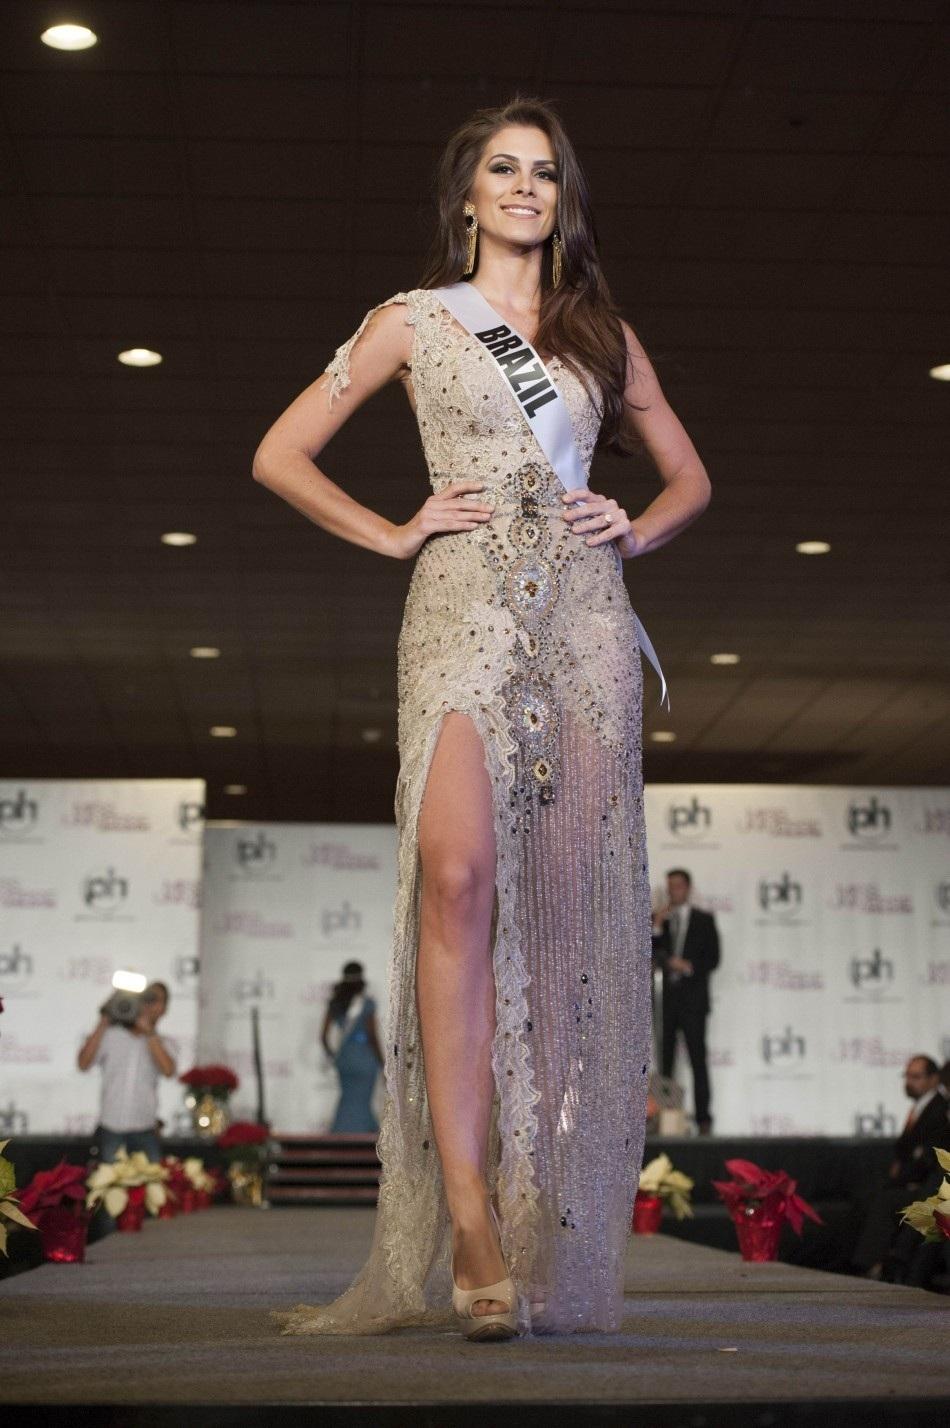 gabriela markus, miss brasil 2012. - Página 2 U3wv47zh